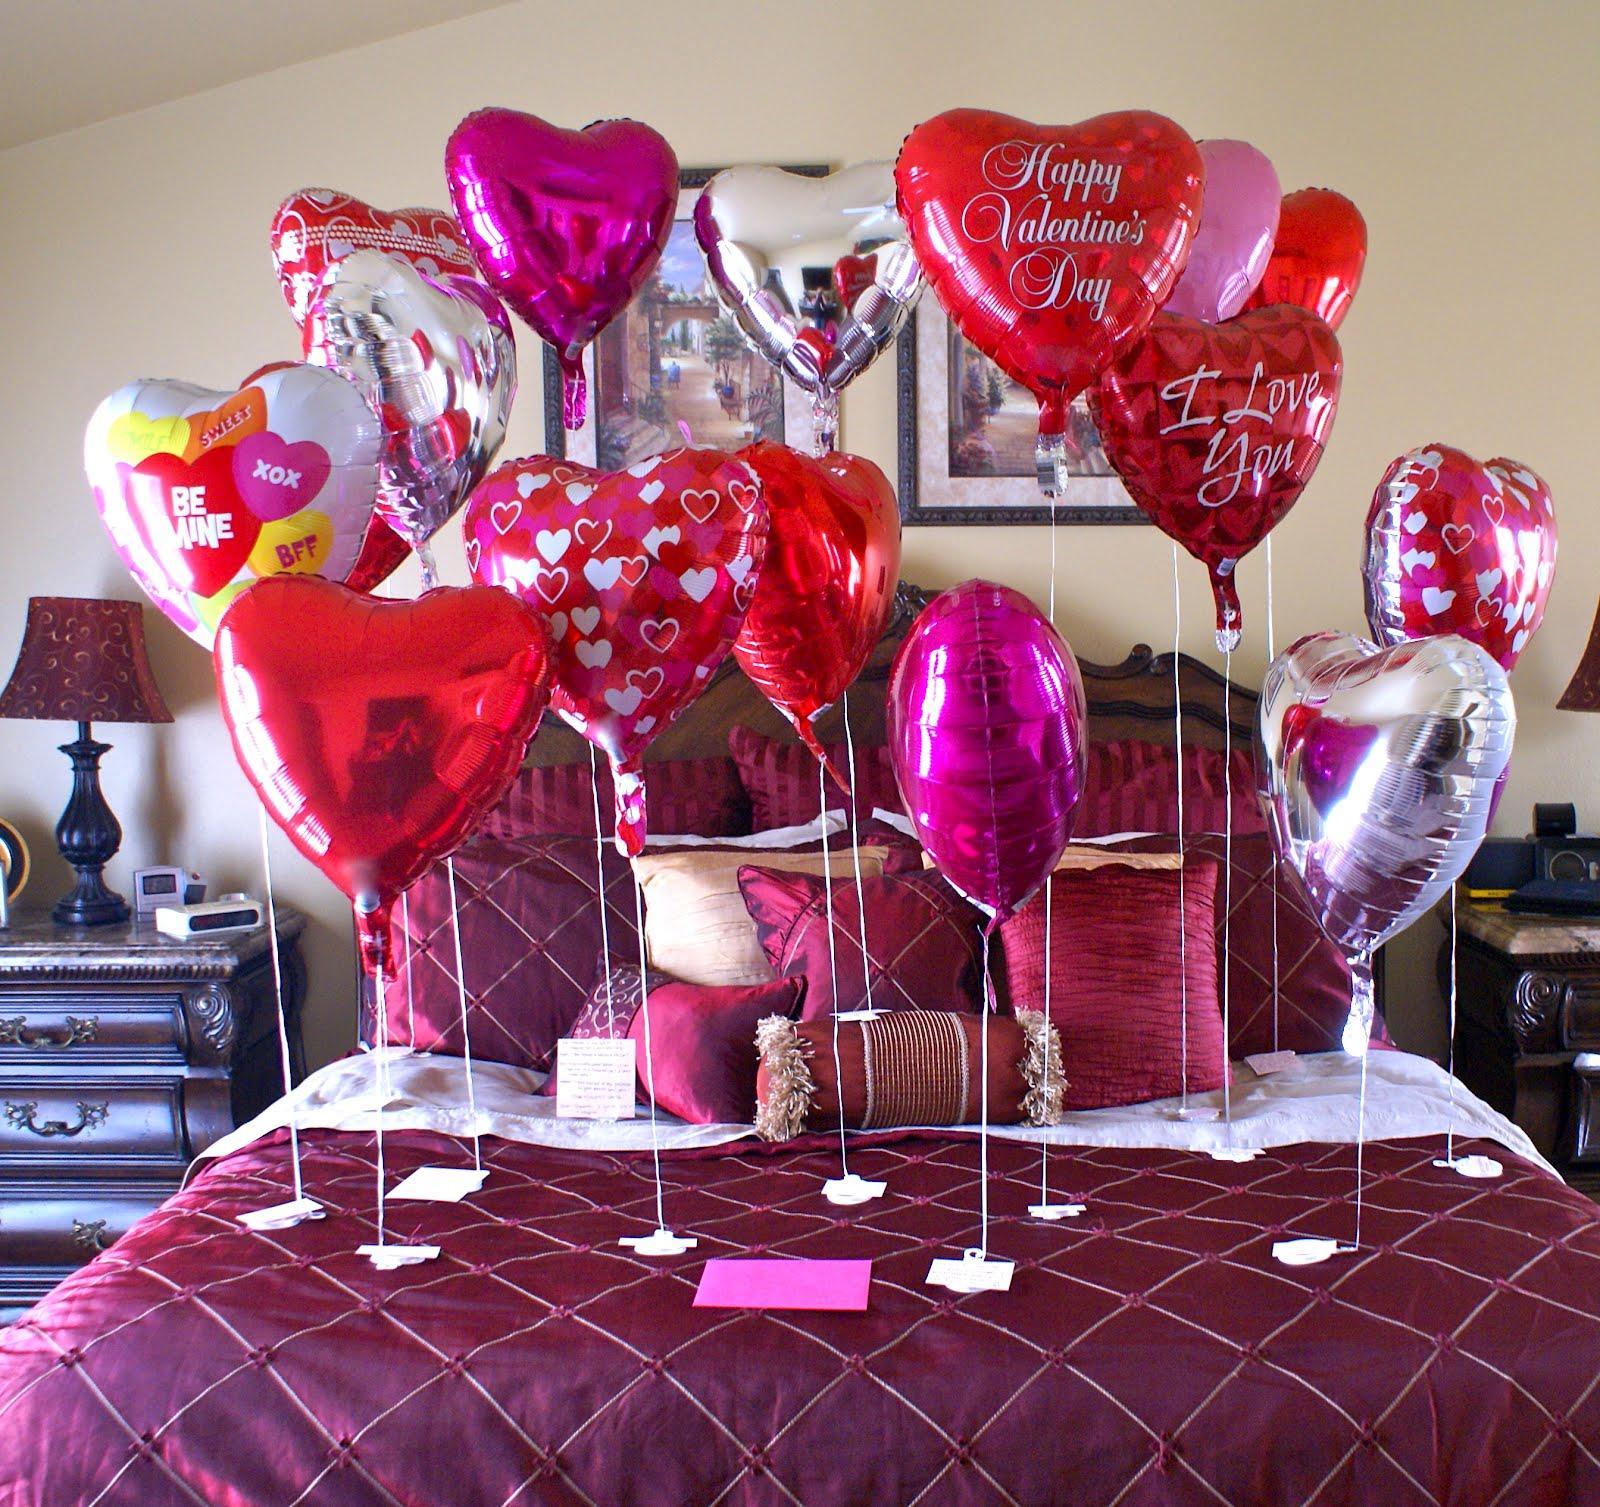 воздушные шары для украшения комнаты